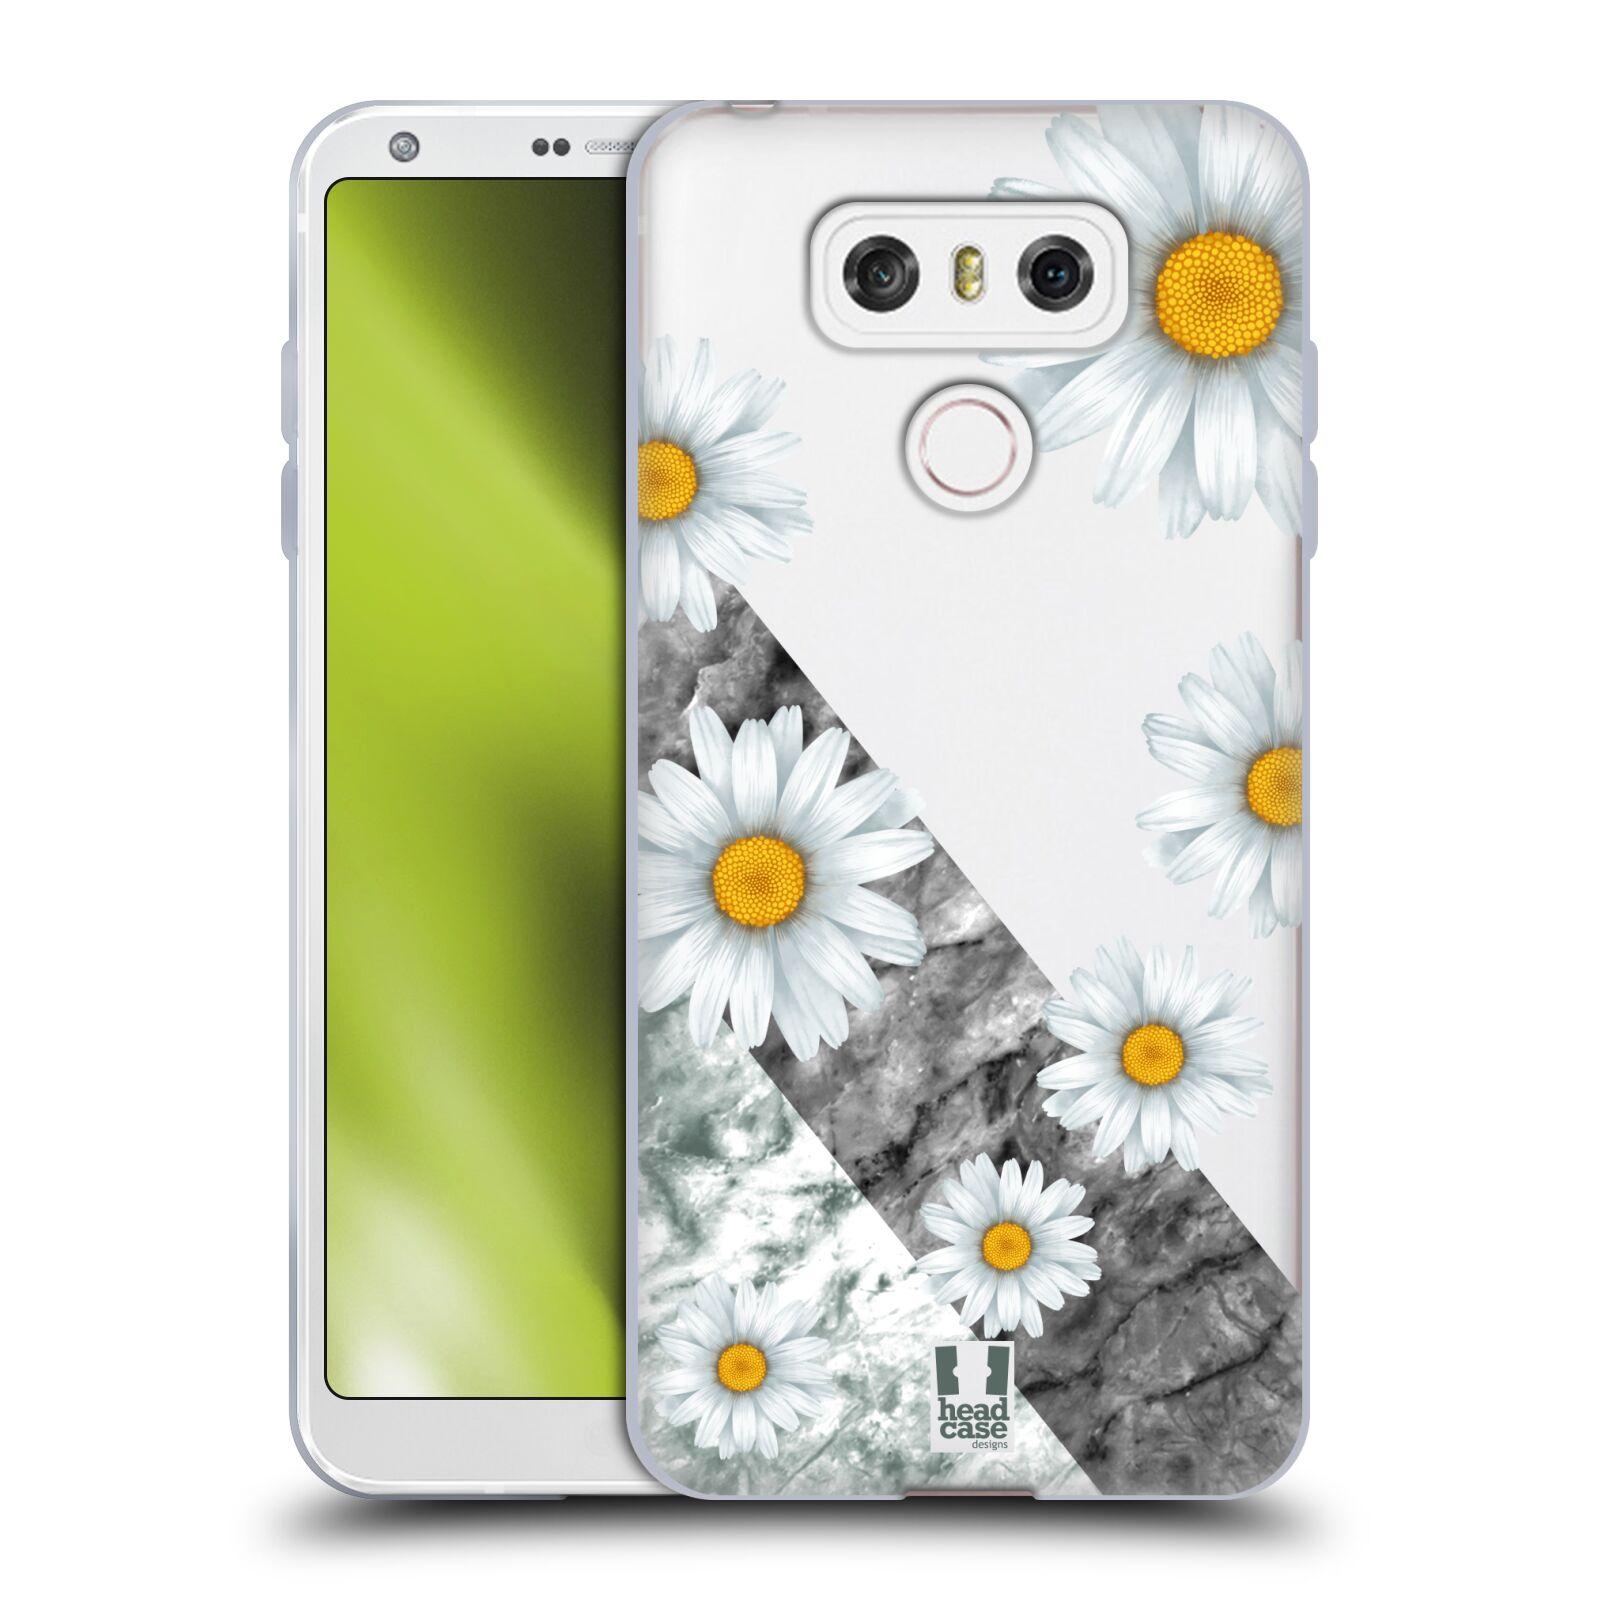 Silikonové pouzdro na mobil LG G6 - Head Case - Kopretiny a mramor